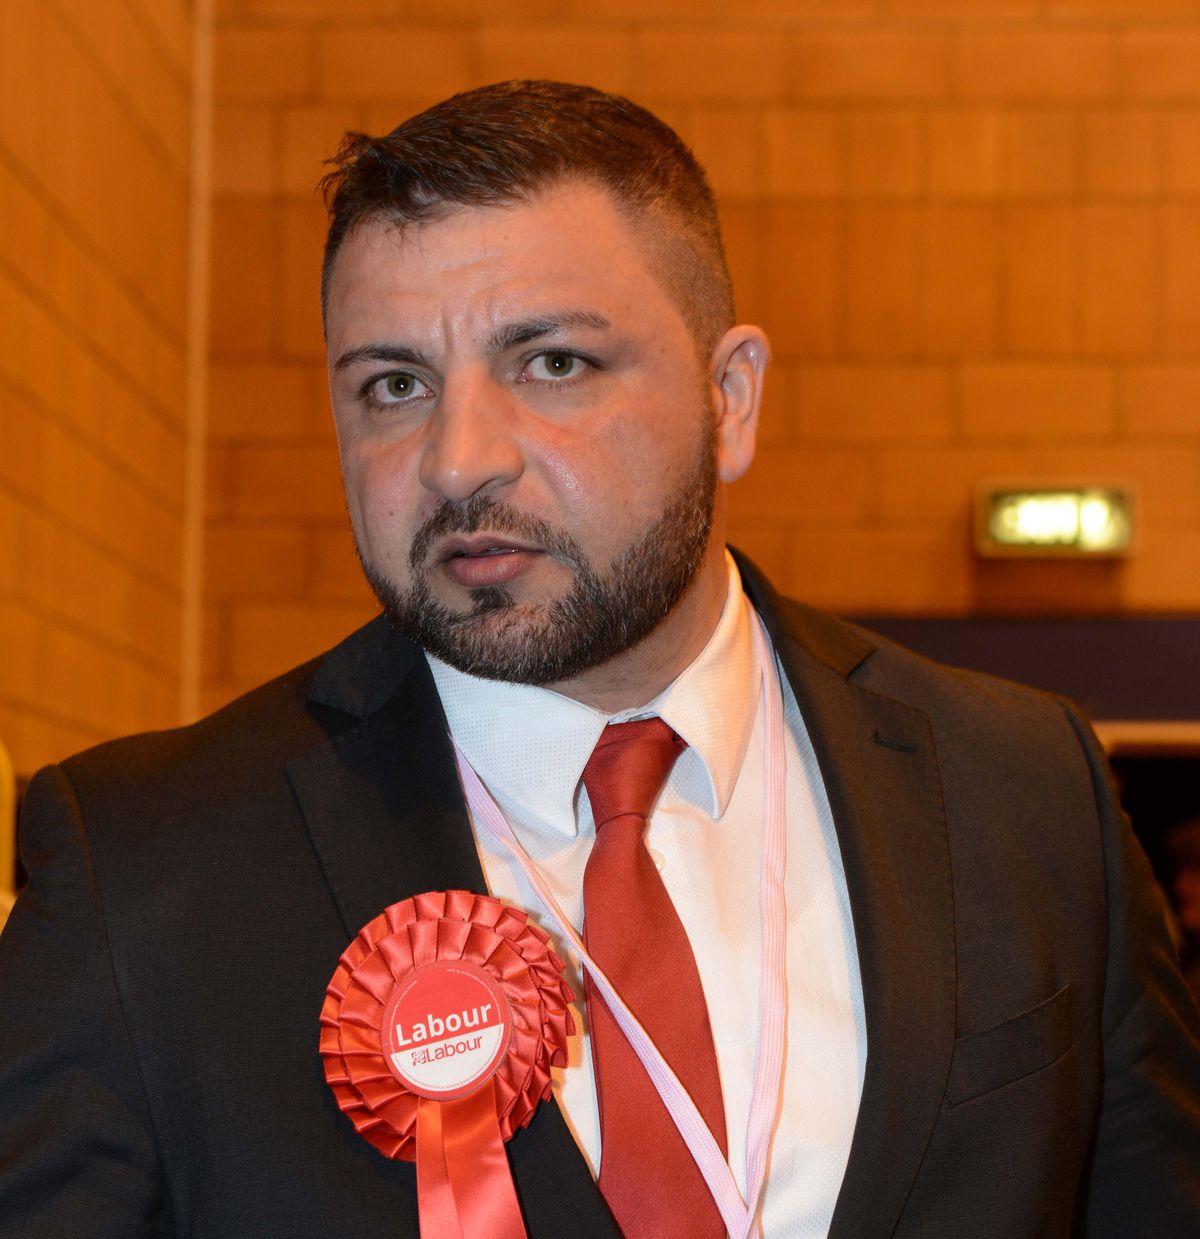 Labour group leader Councillor Qadar Zada